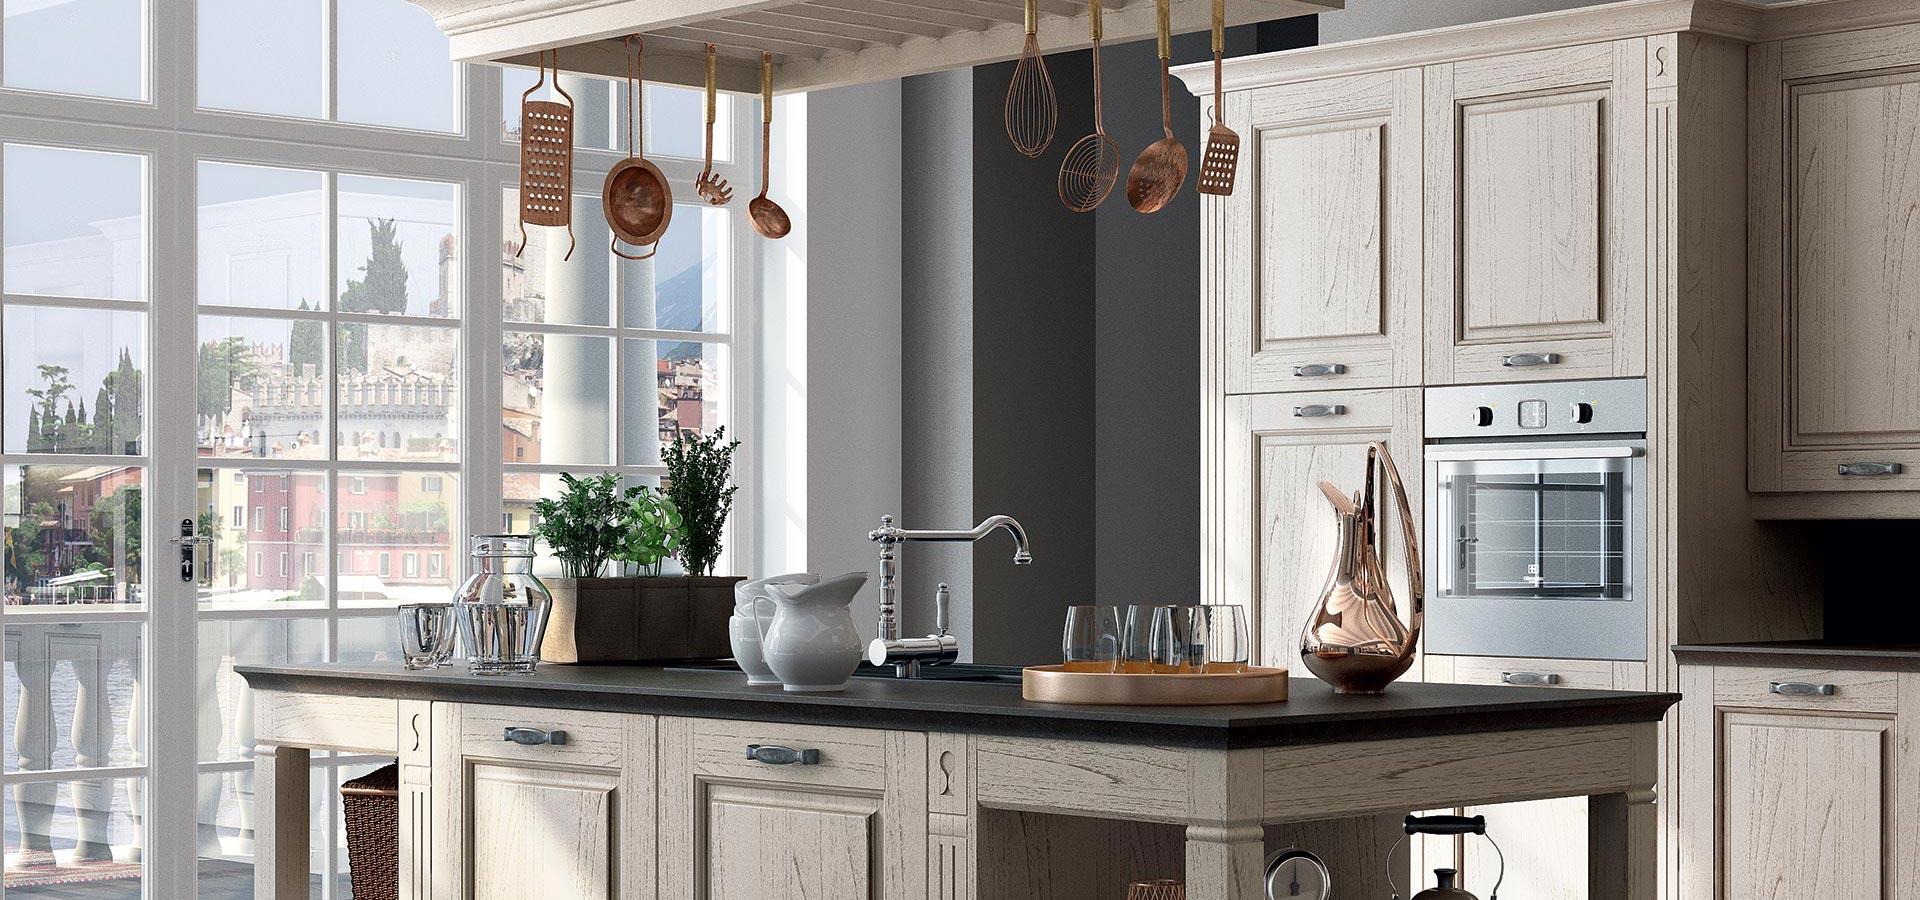 Verona cucine classiche cucine componibili design 360 roma - Cucine classiche roma ...